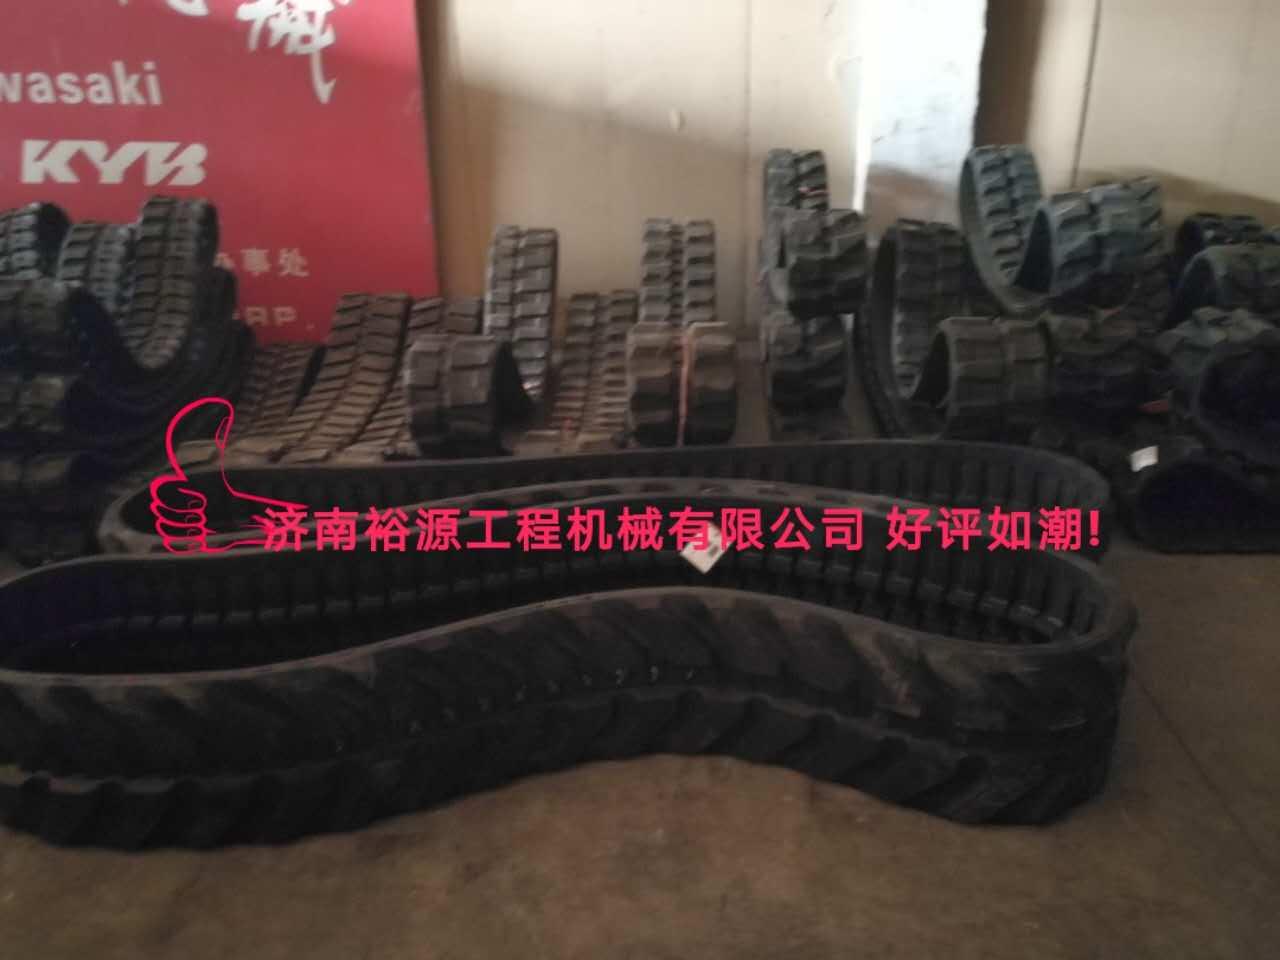 开沟机橡胶履带价格 开沟机橡胶履带厂家 开沟机橡胶履带图片